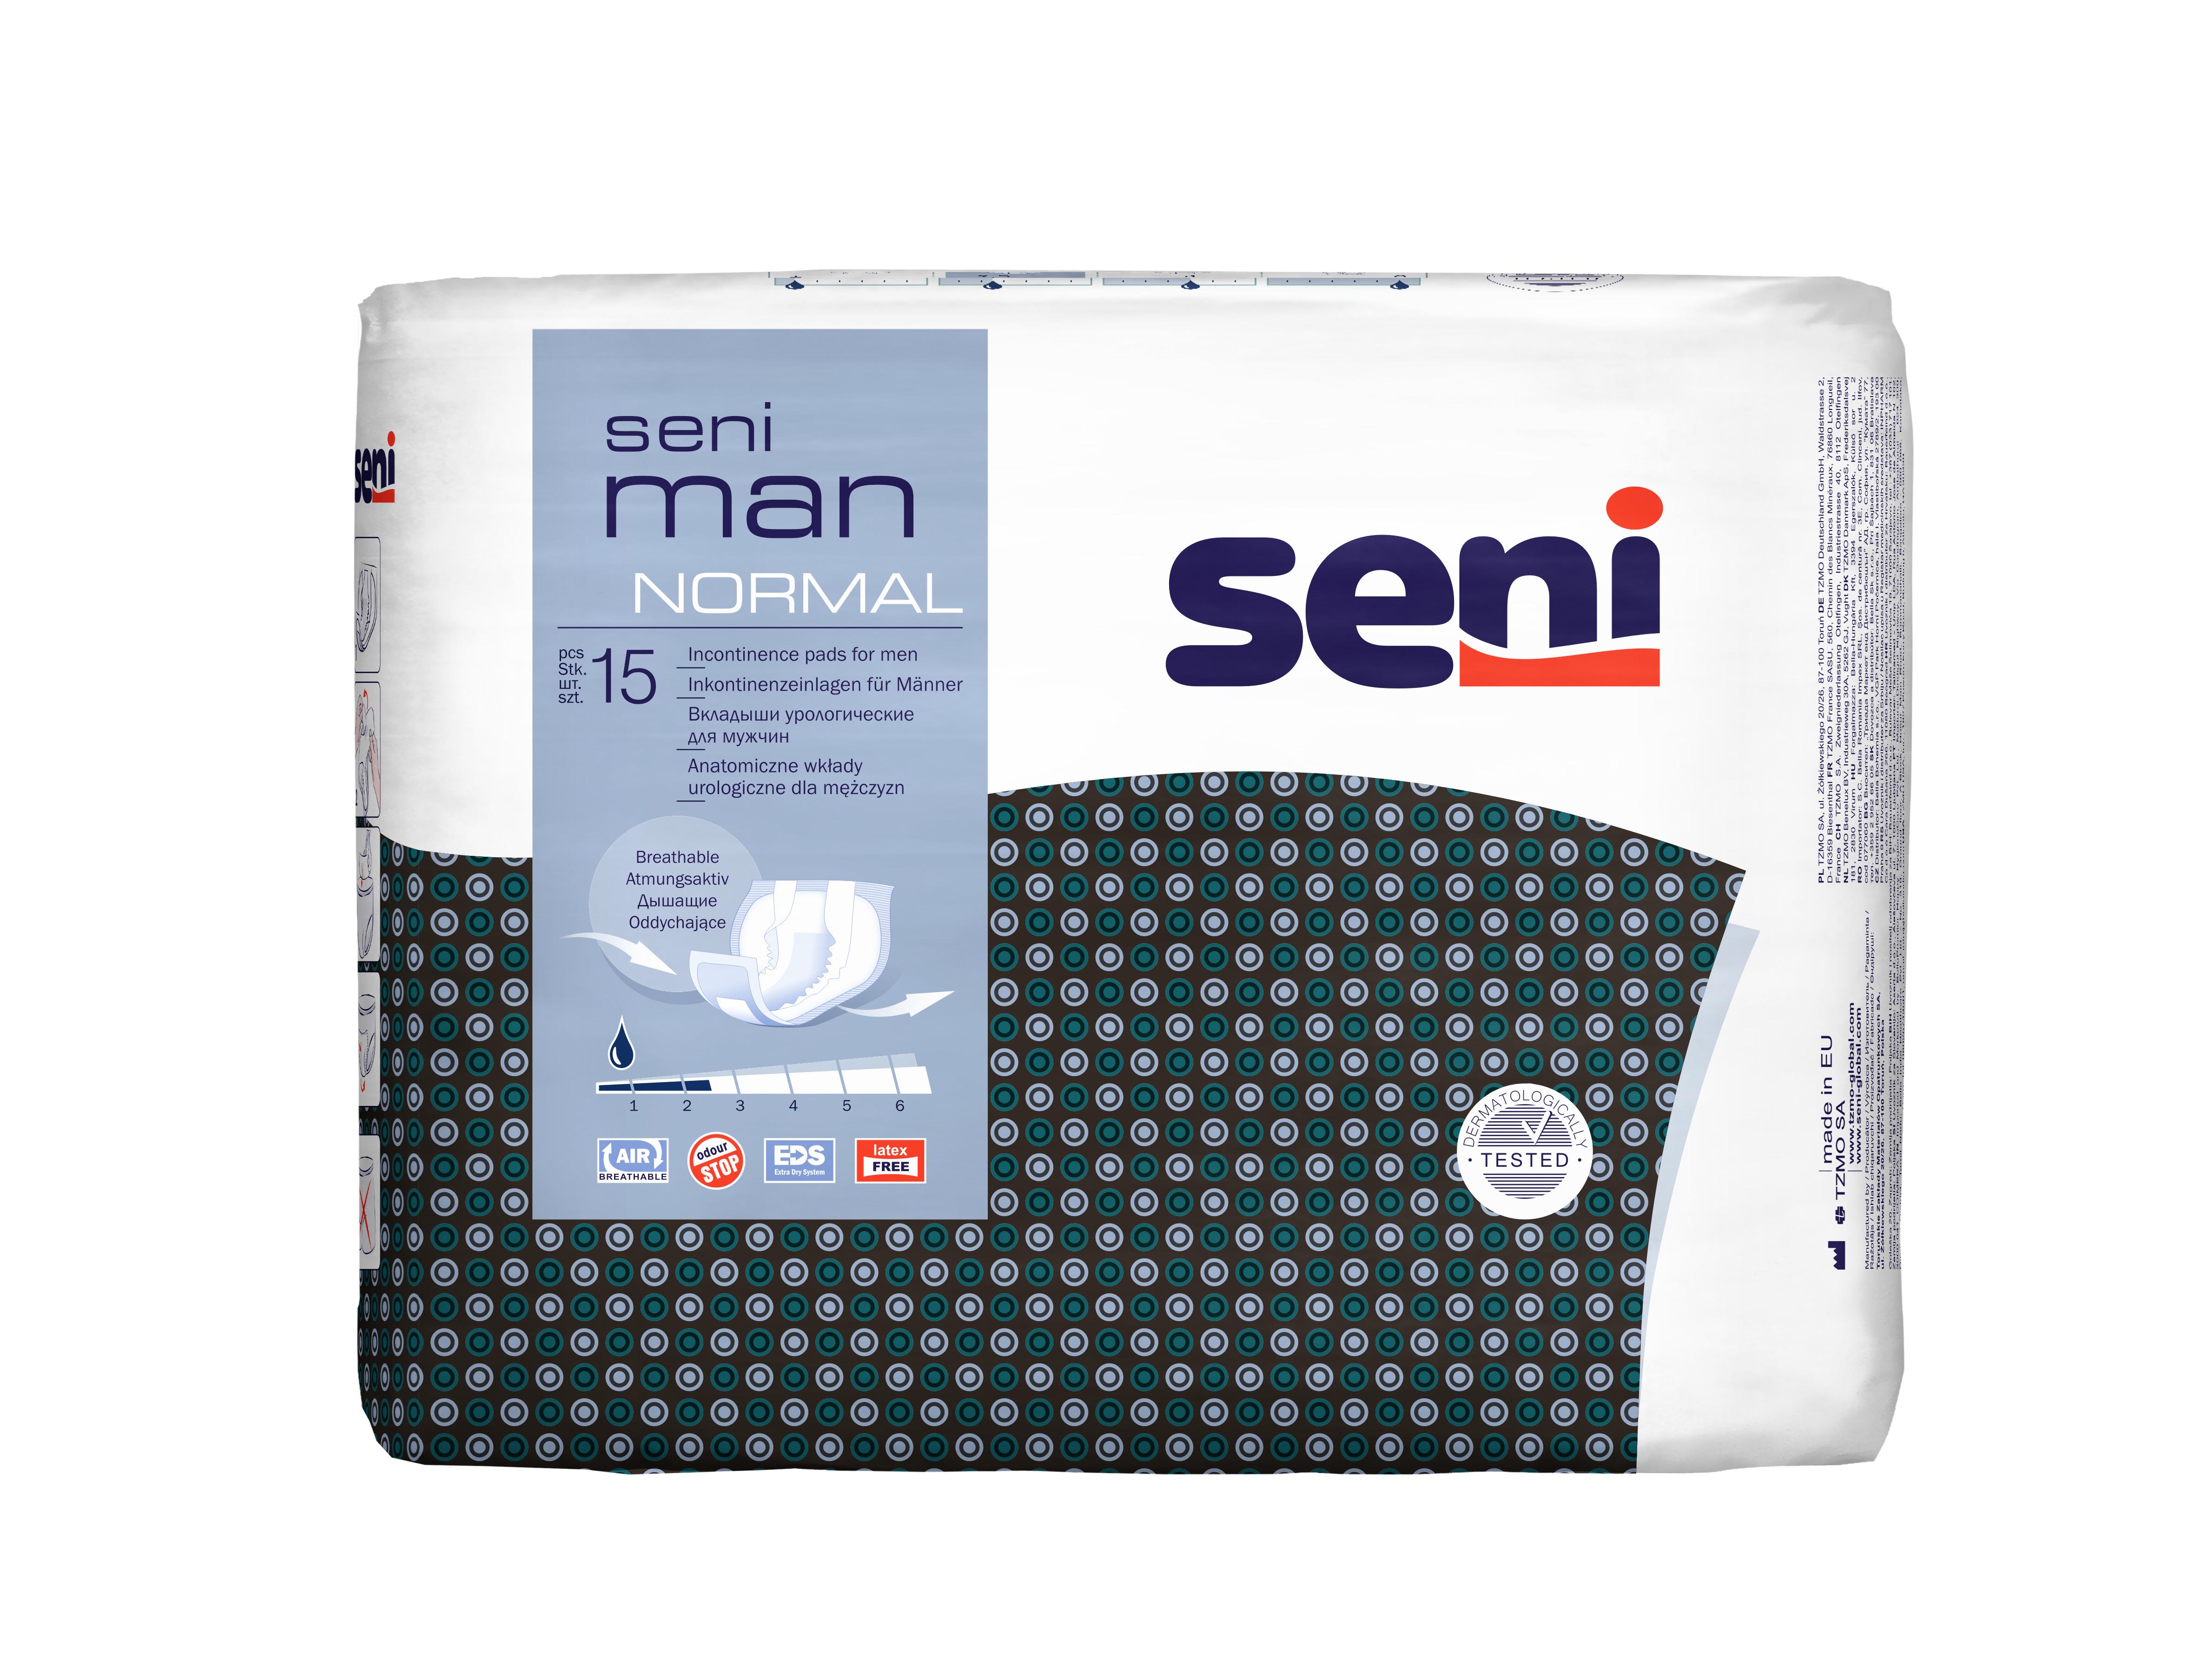 Seni Man Normal - 15 Stück - Slipeinlage für Männer   Inkoservice